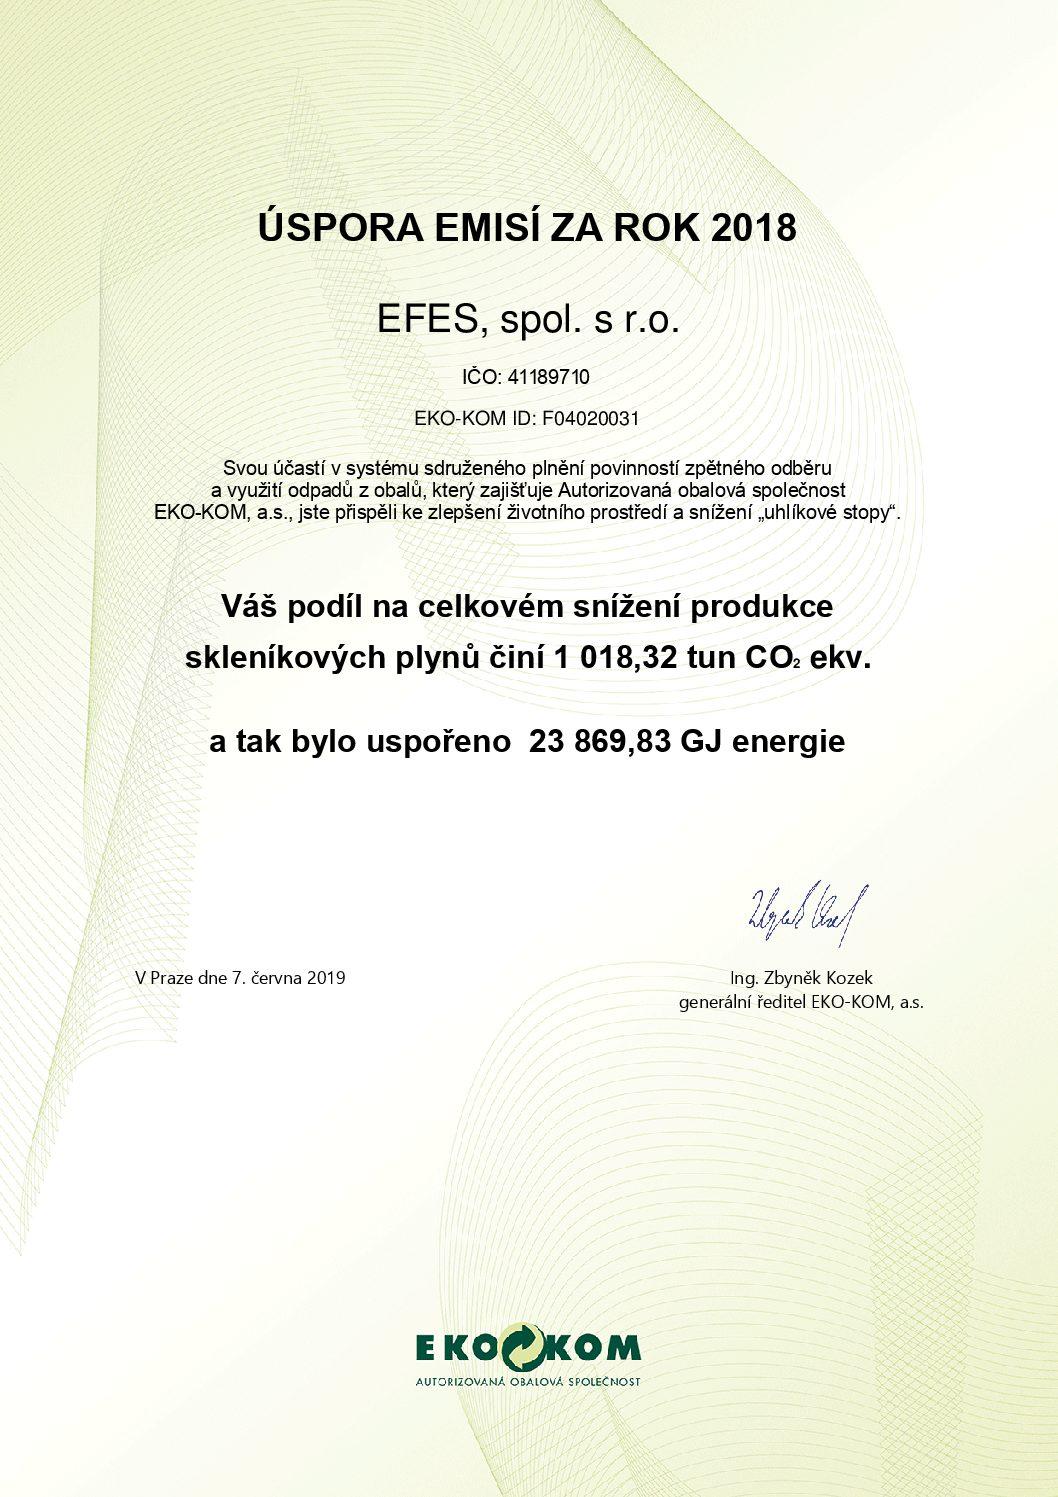 EKOKOM 2018